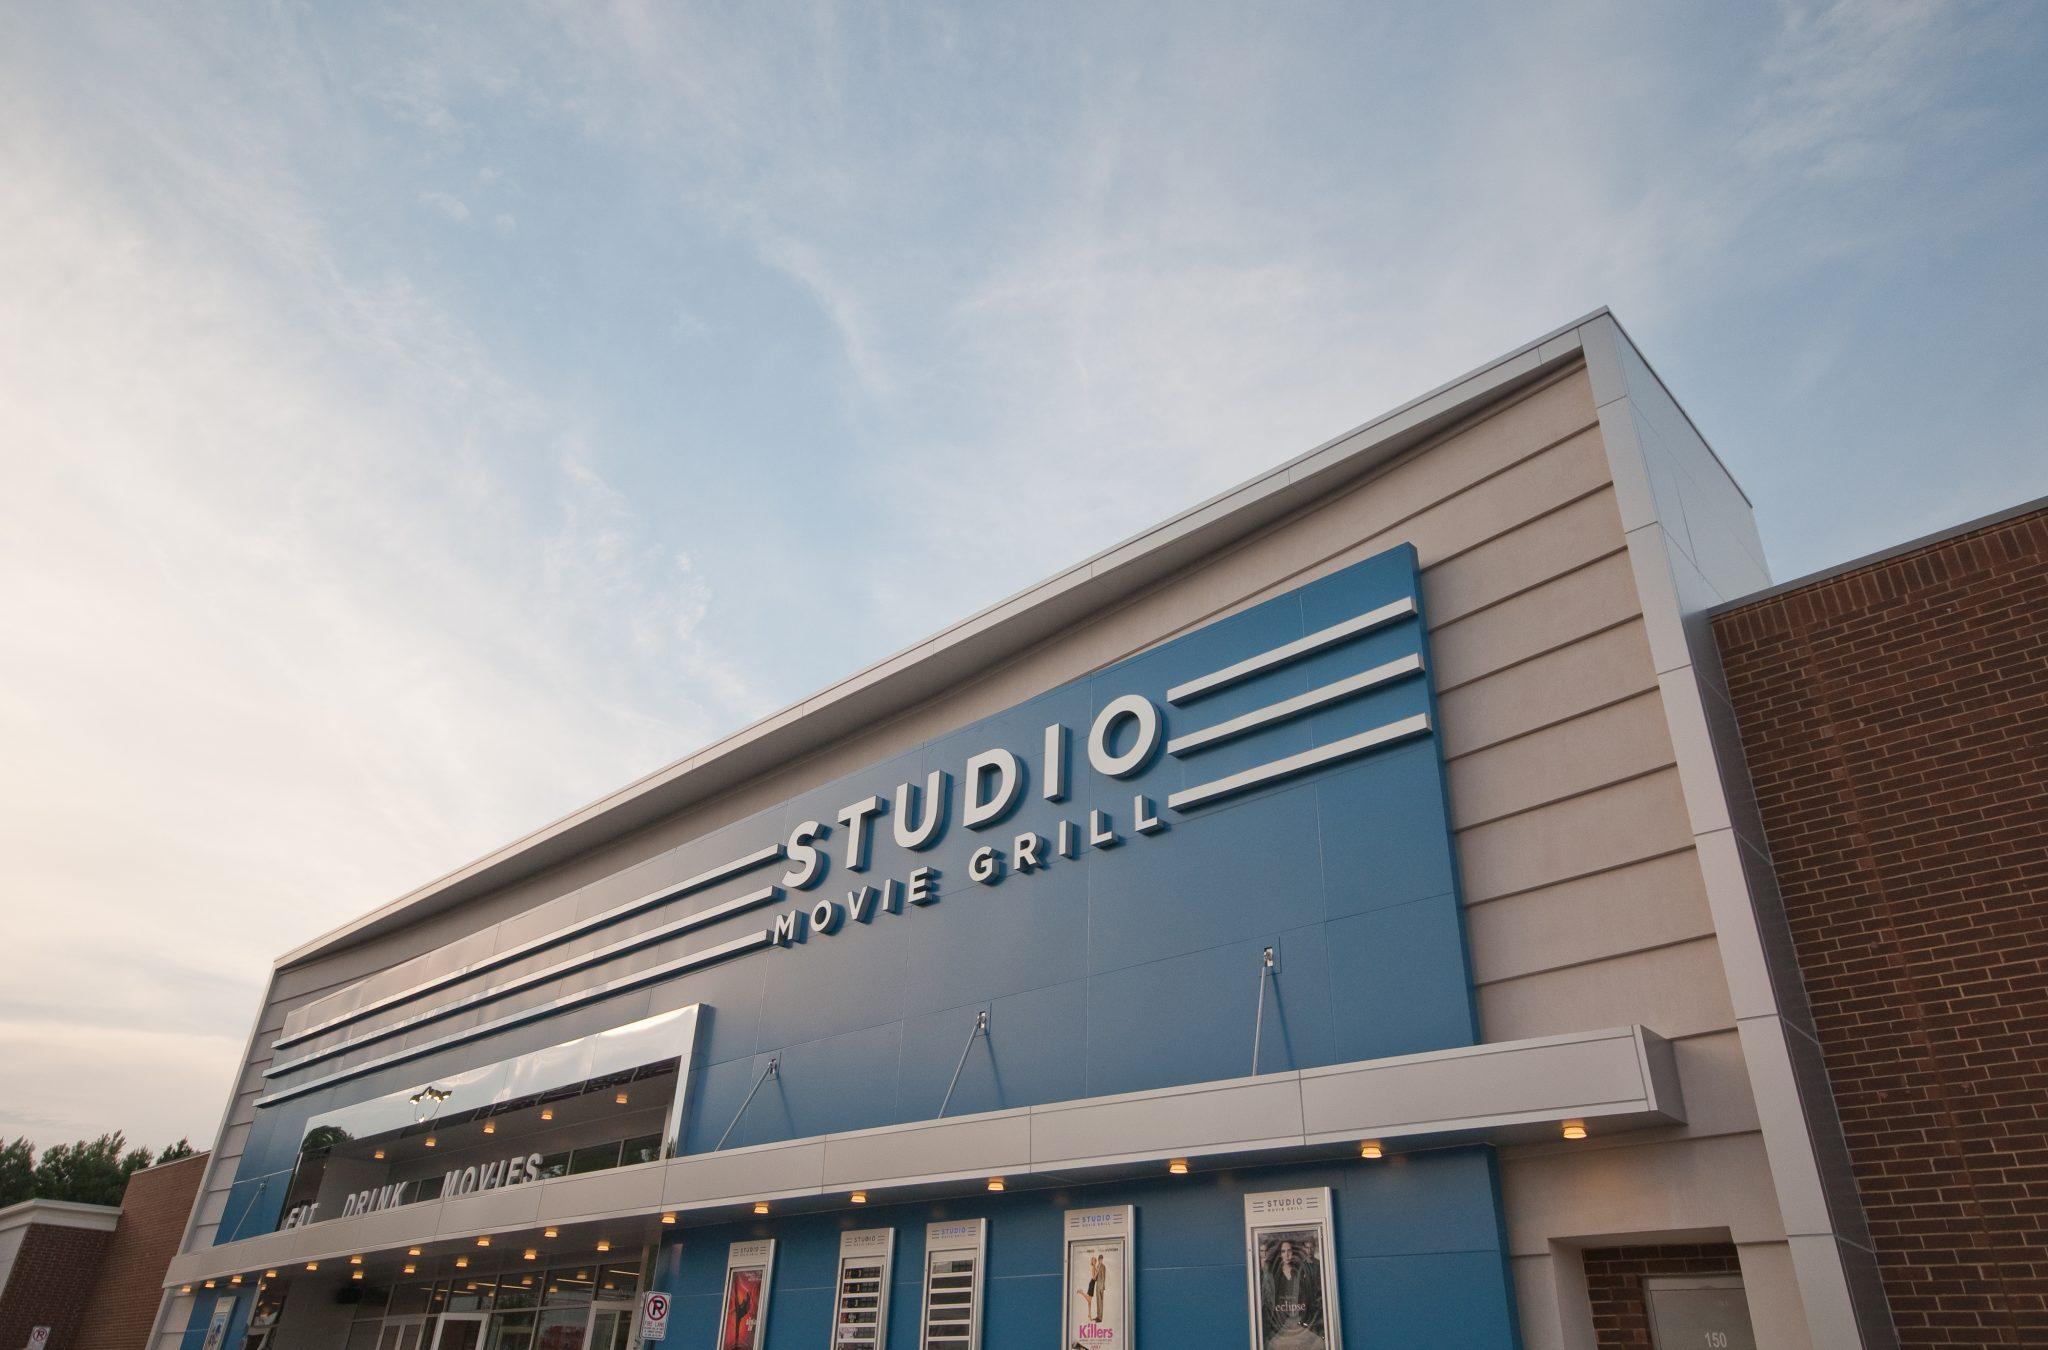 Studio Movie Grill Marietta Exterior